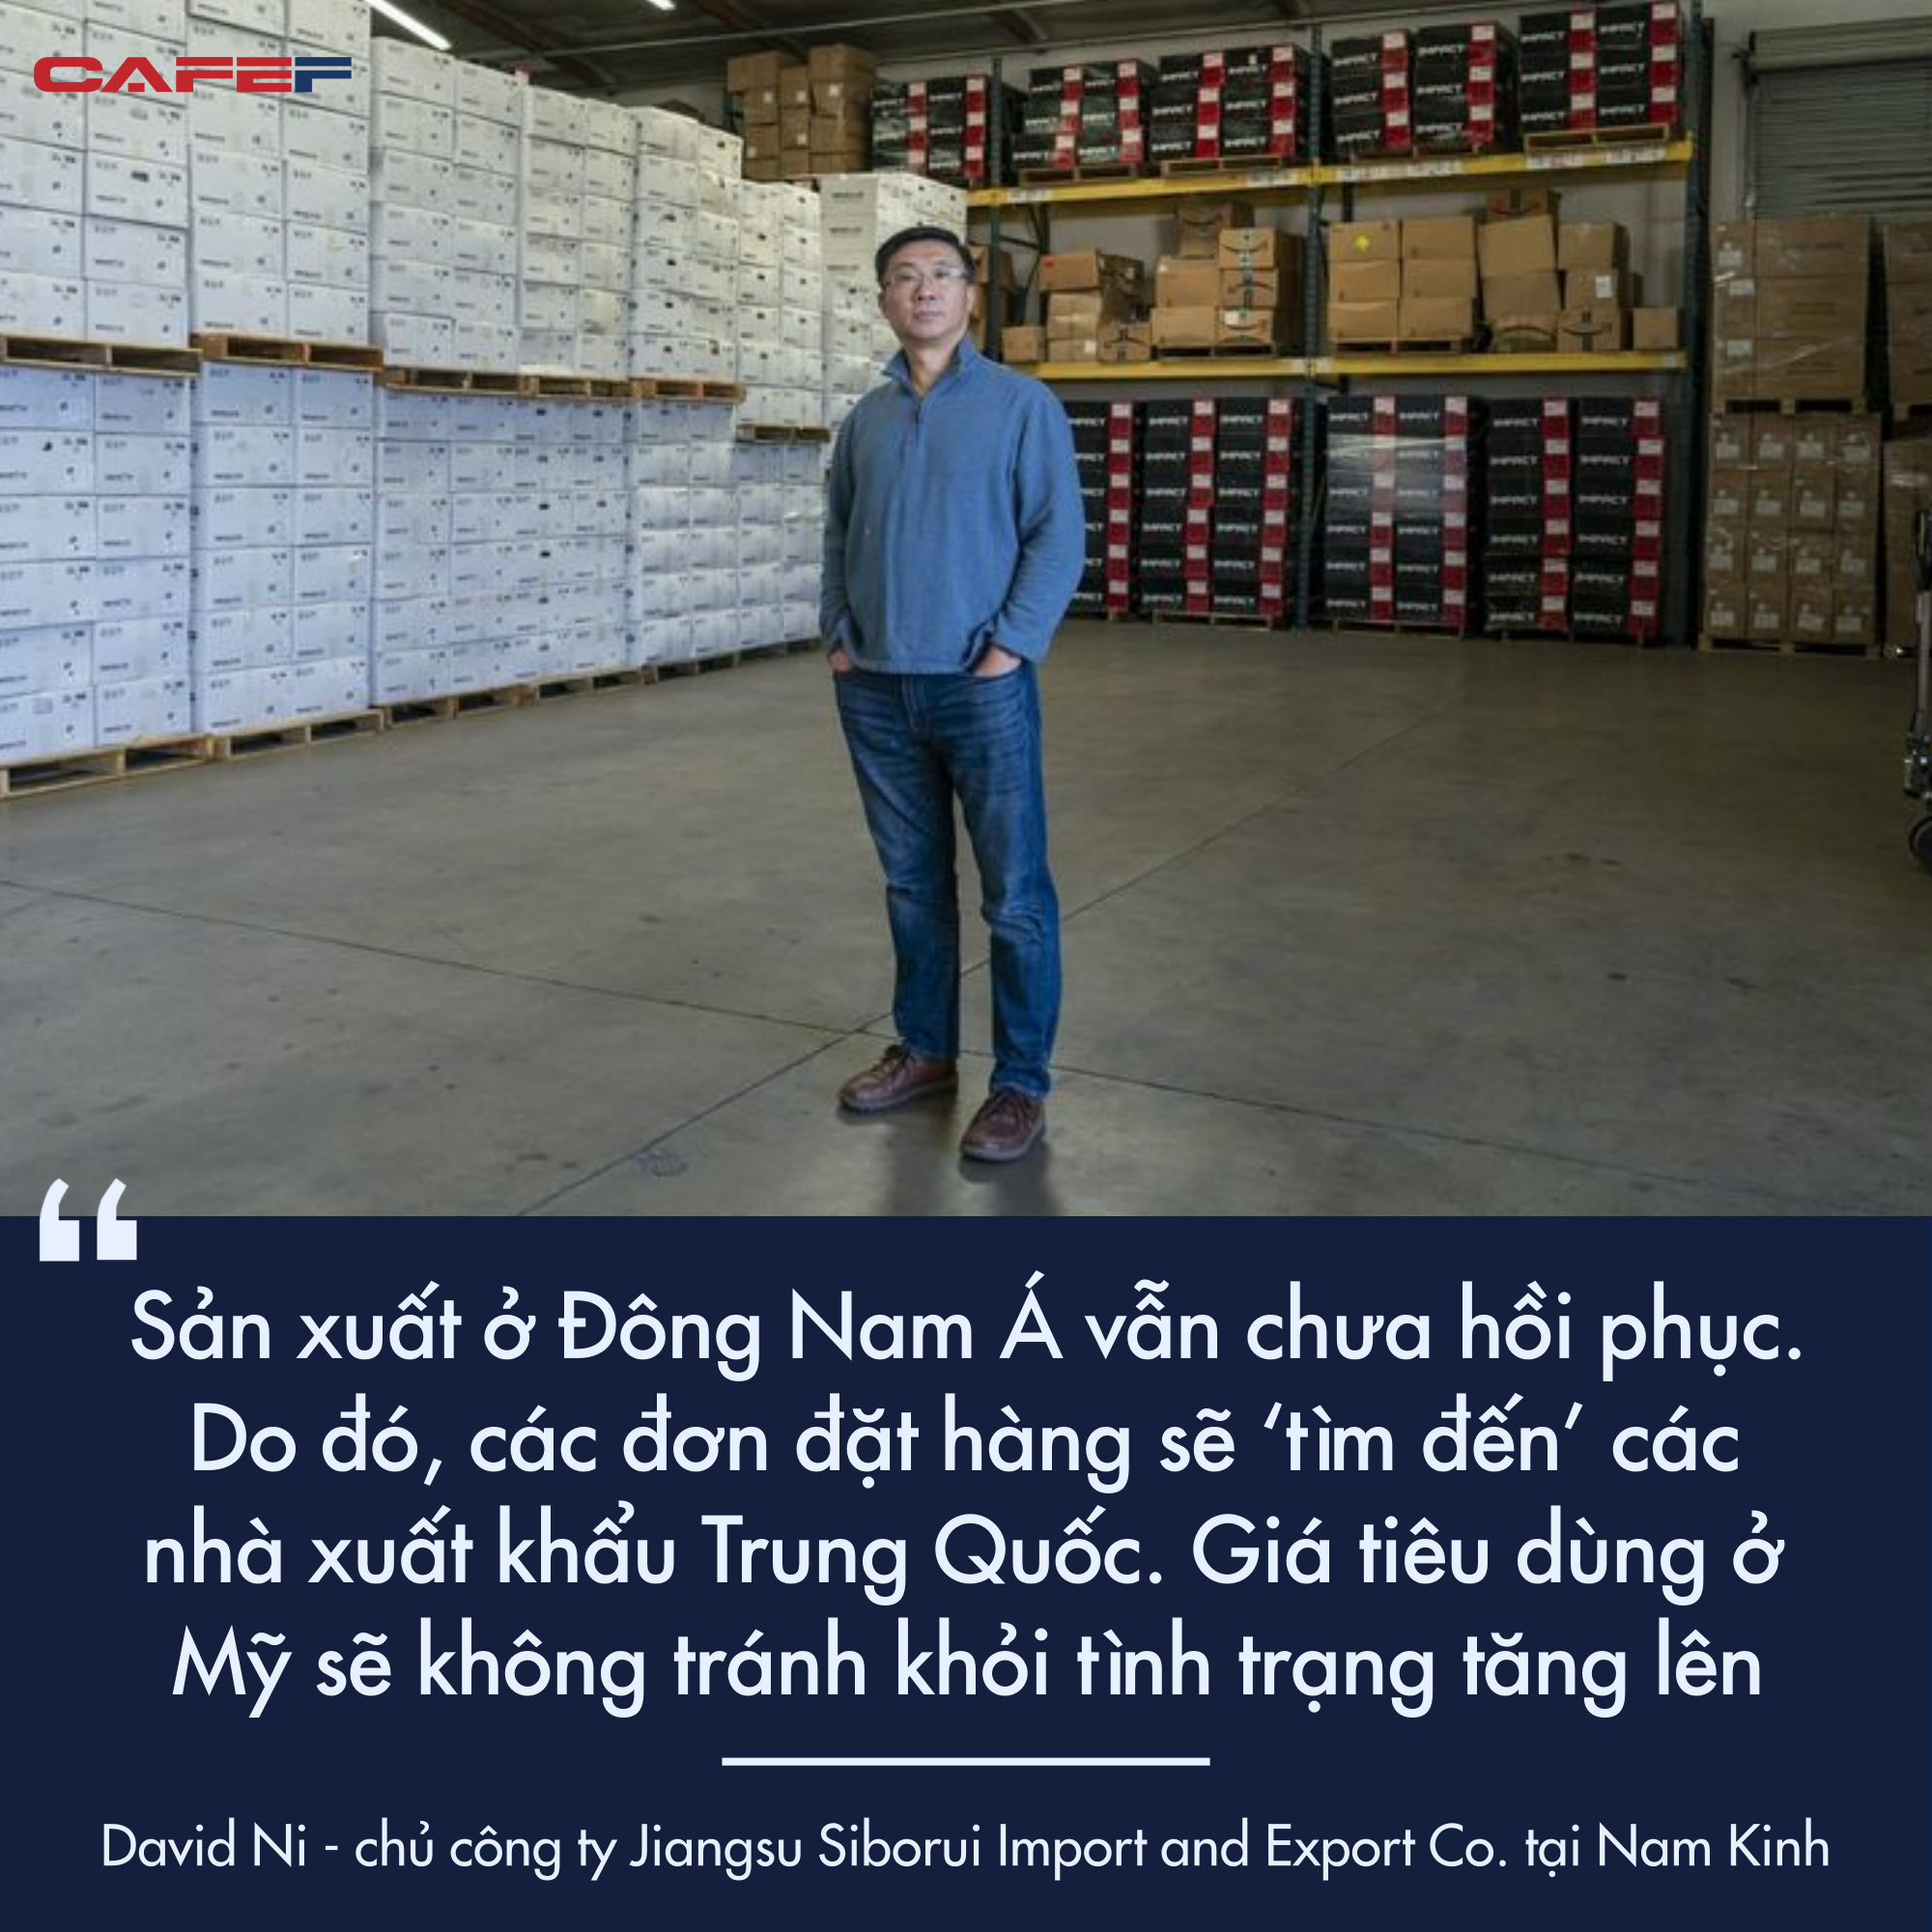 Bloomberg: 60 tỷ USD trong gói kích thích mới của Mỹ sẽ chảy đến Trung Quốc  - Ảnh 2.